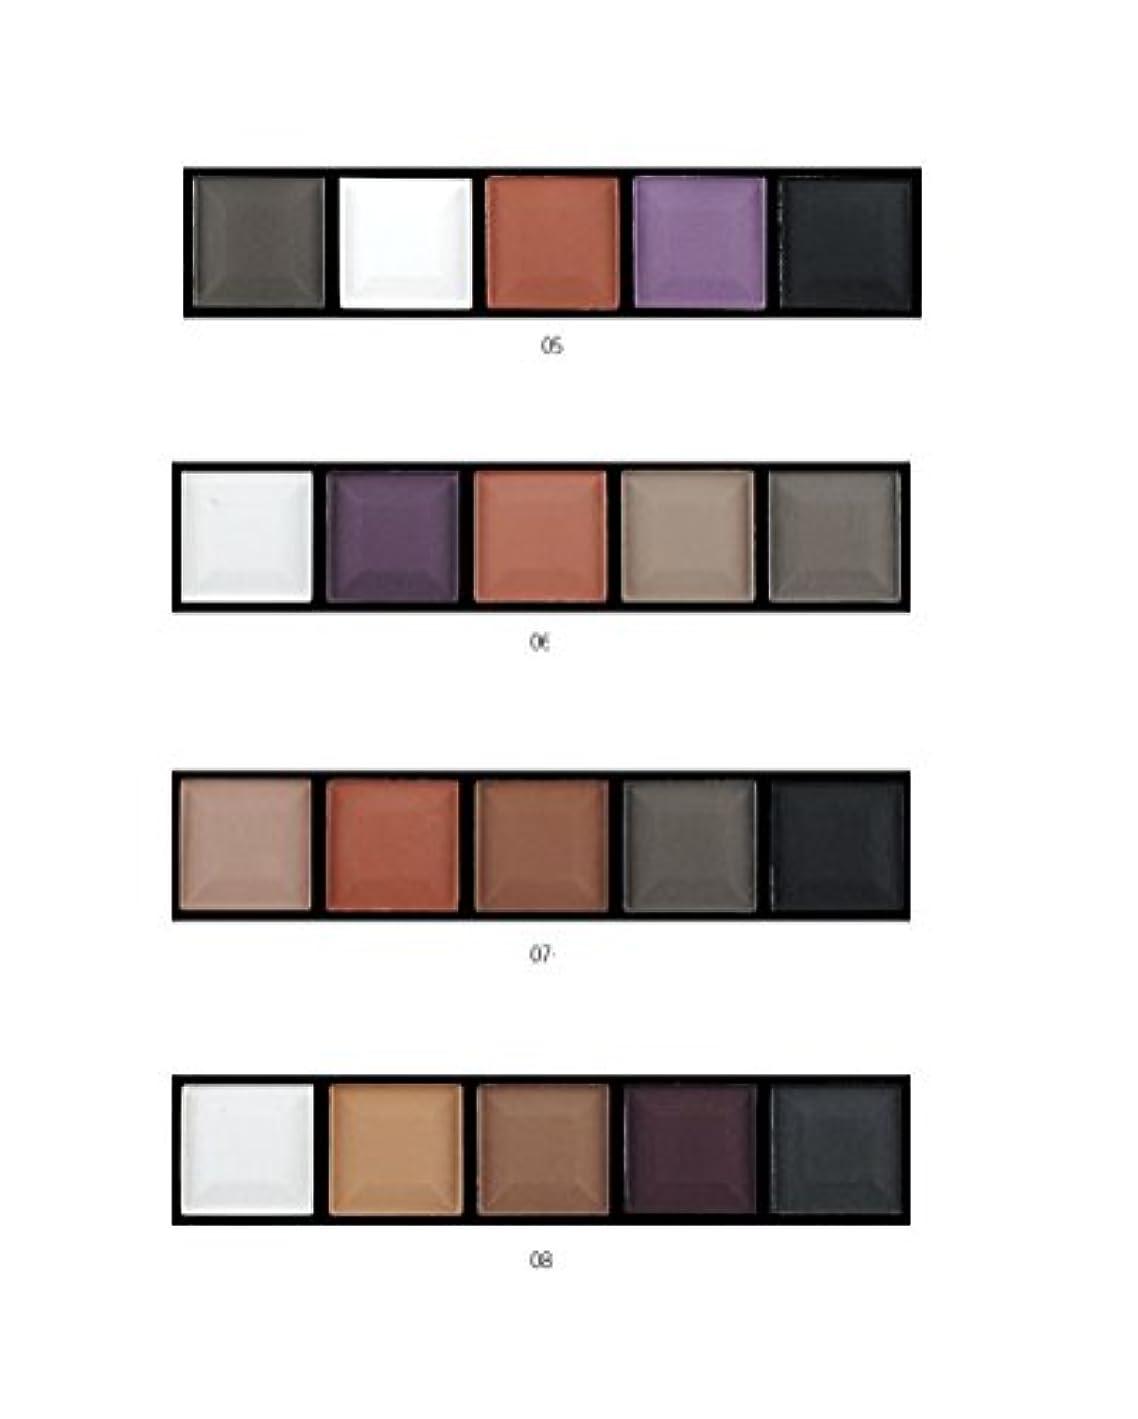 ボイラーベスト通行料金MakeupAcc アイシャドウパレット 5色 ブラシ付き 携帯便利 ヌードメイク マット (07) [並行輸入品]